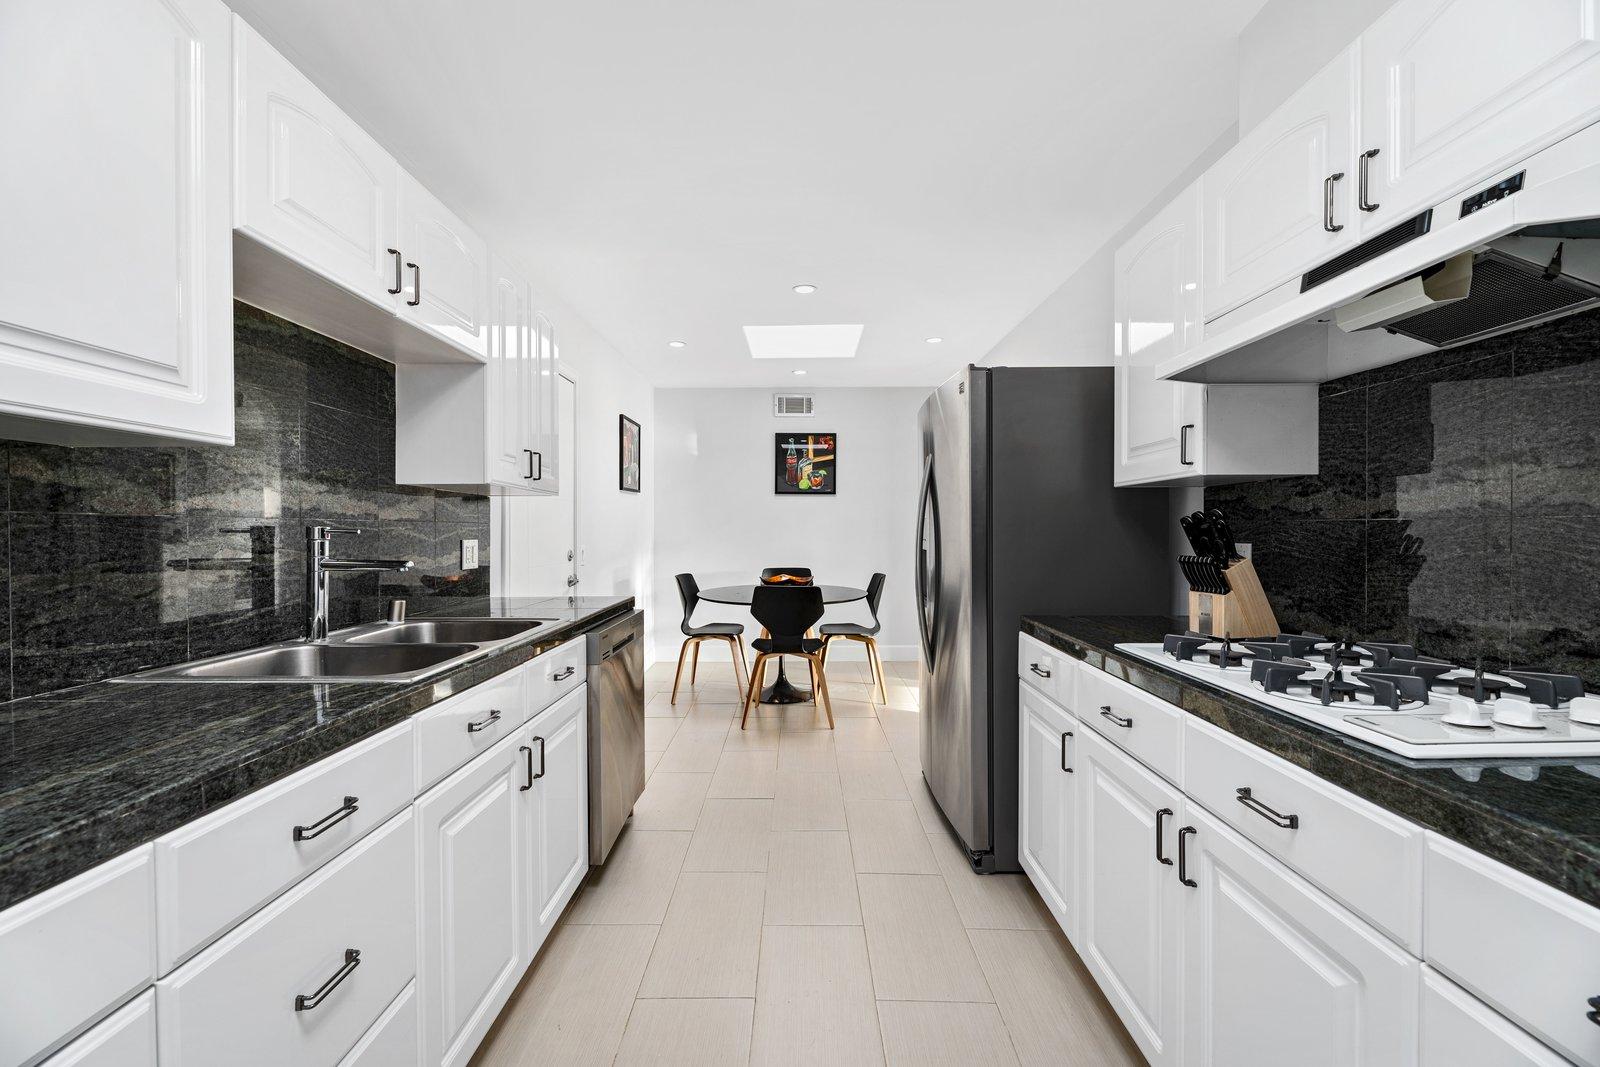 Neutra Stilt Home galley kitchen